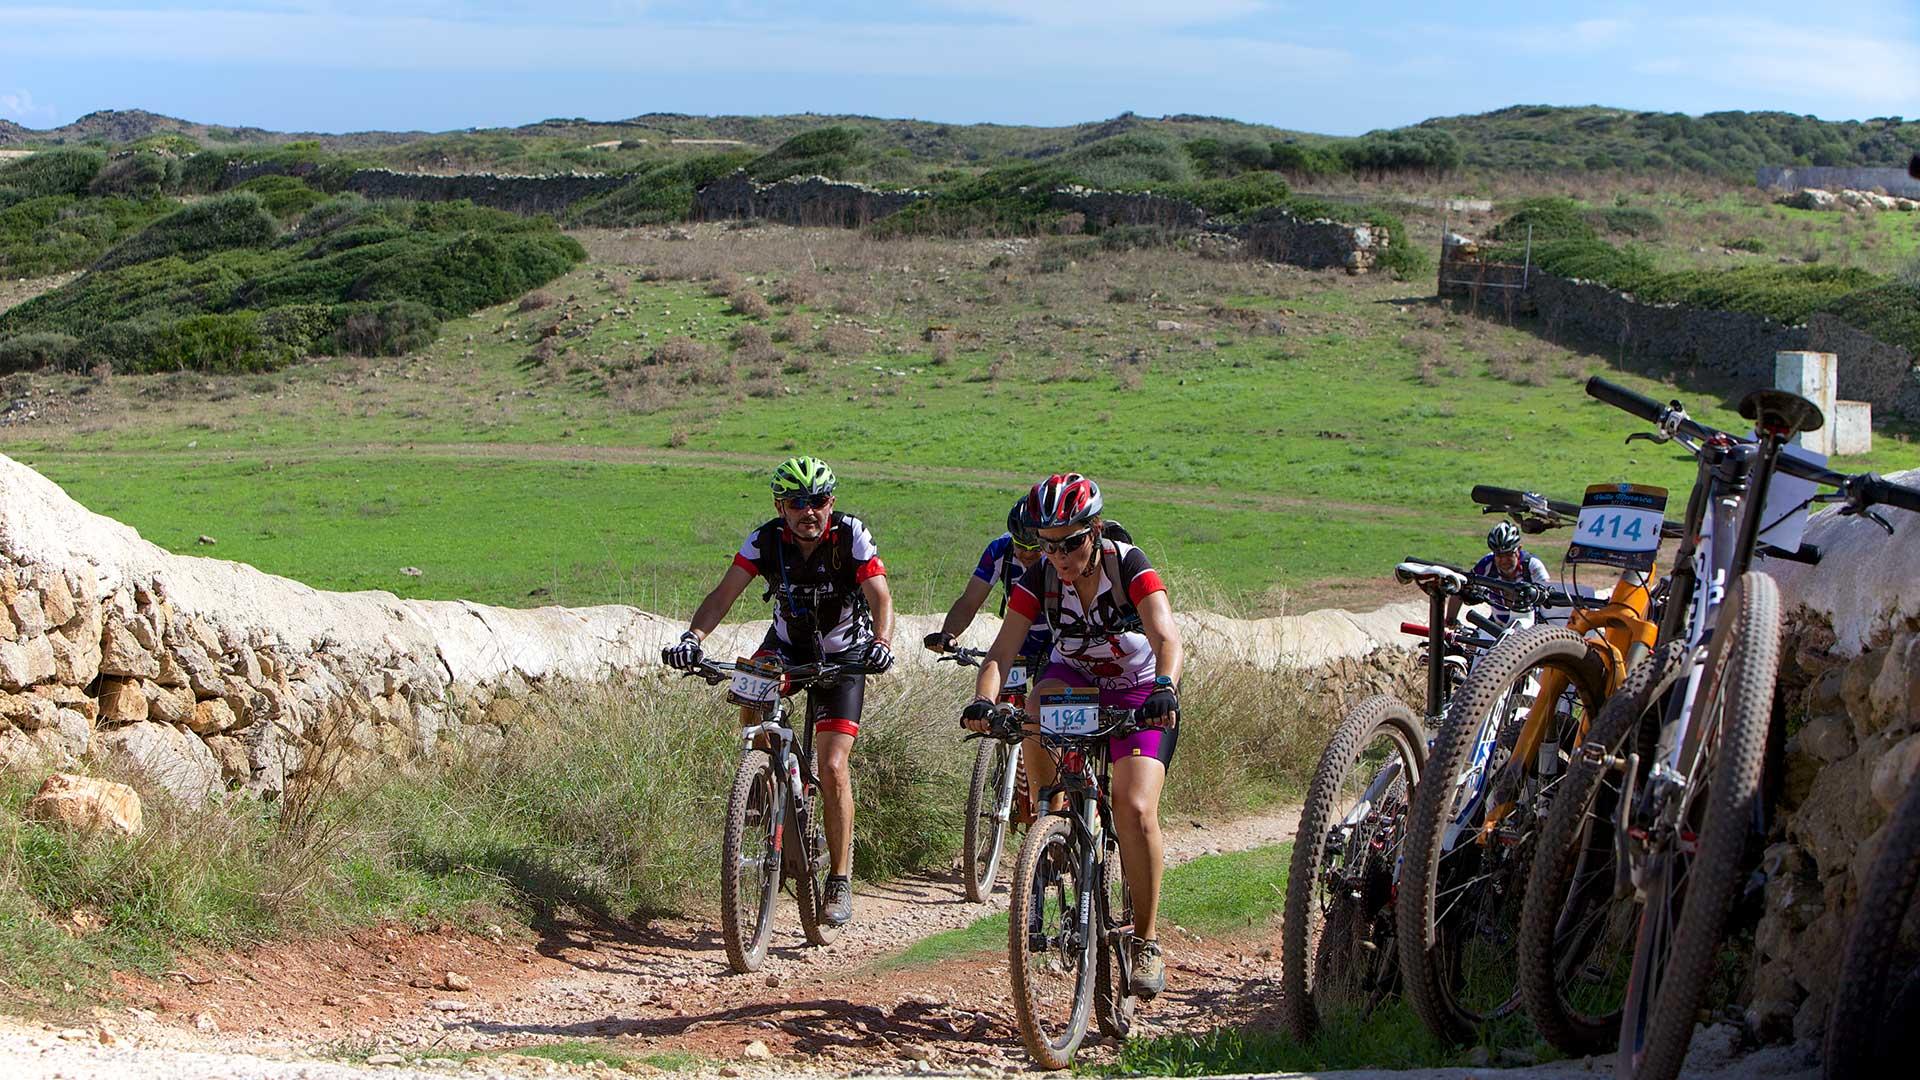 Imagen  Enamora't del paisatge rural de Menorca, amb bici